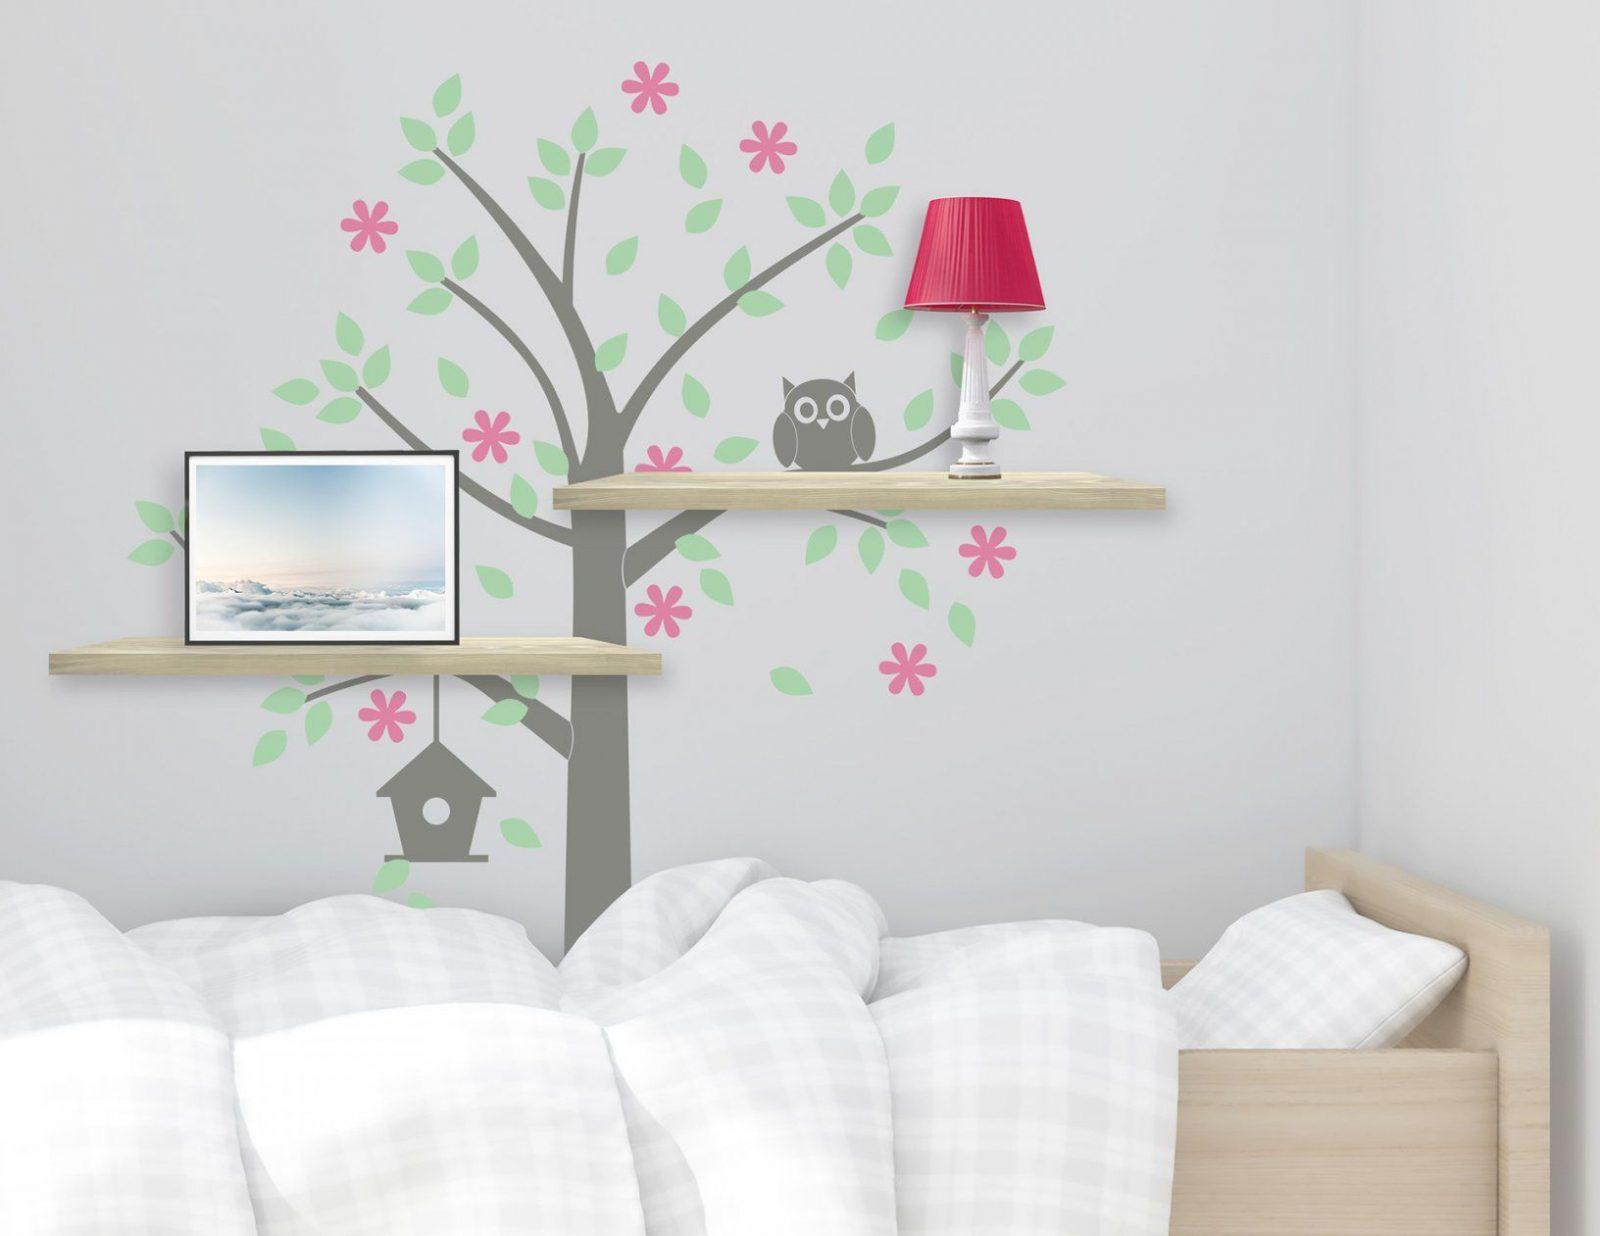 Wandtattoo Baum Mit Eule Süßes Motiv Für Das Kinderzimmer von Wandtattoo Baum Mit Eulen Bild